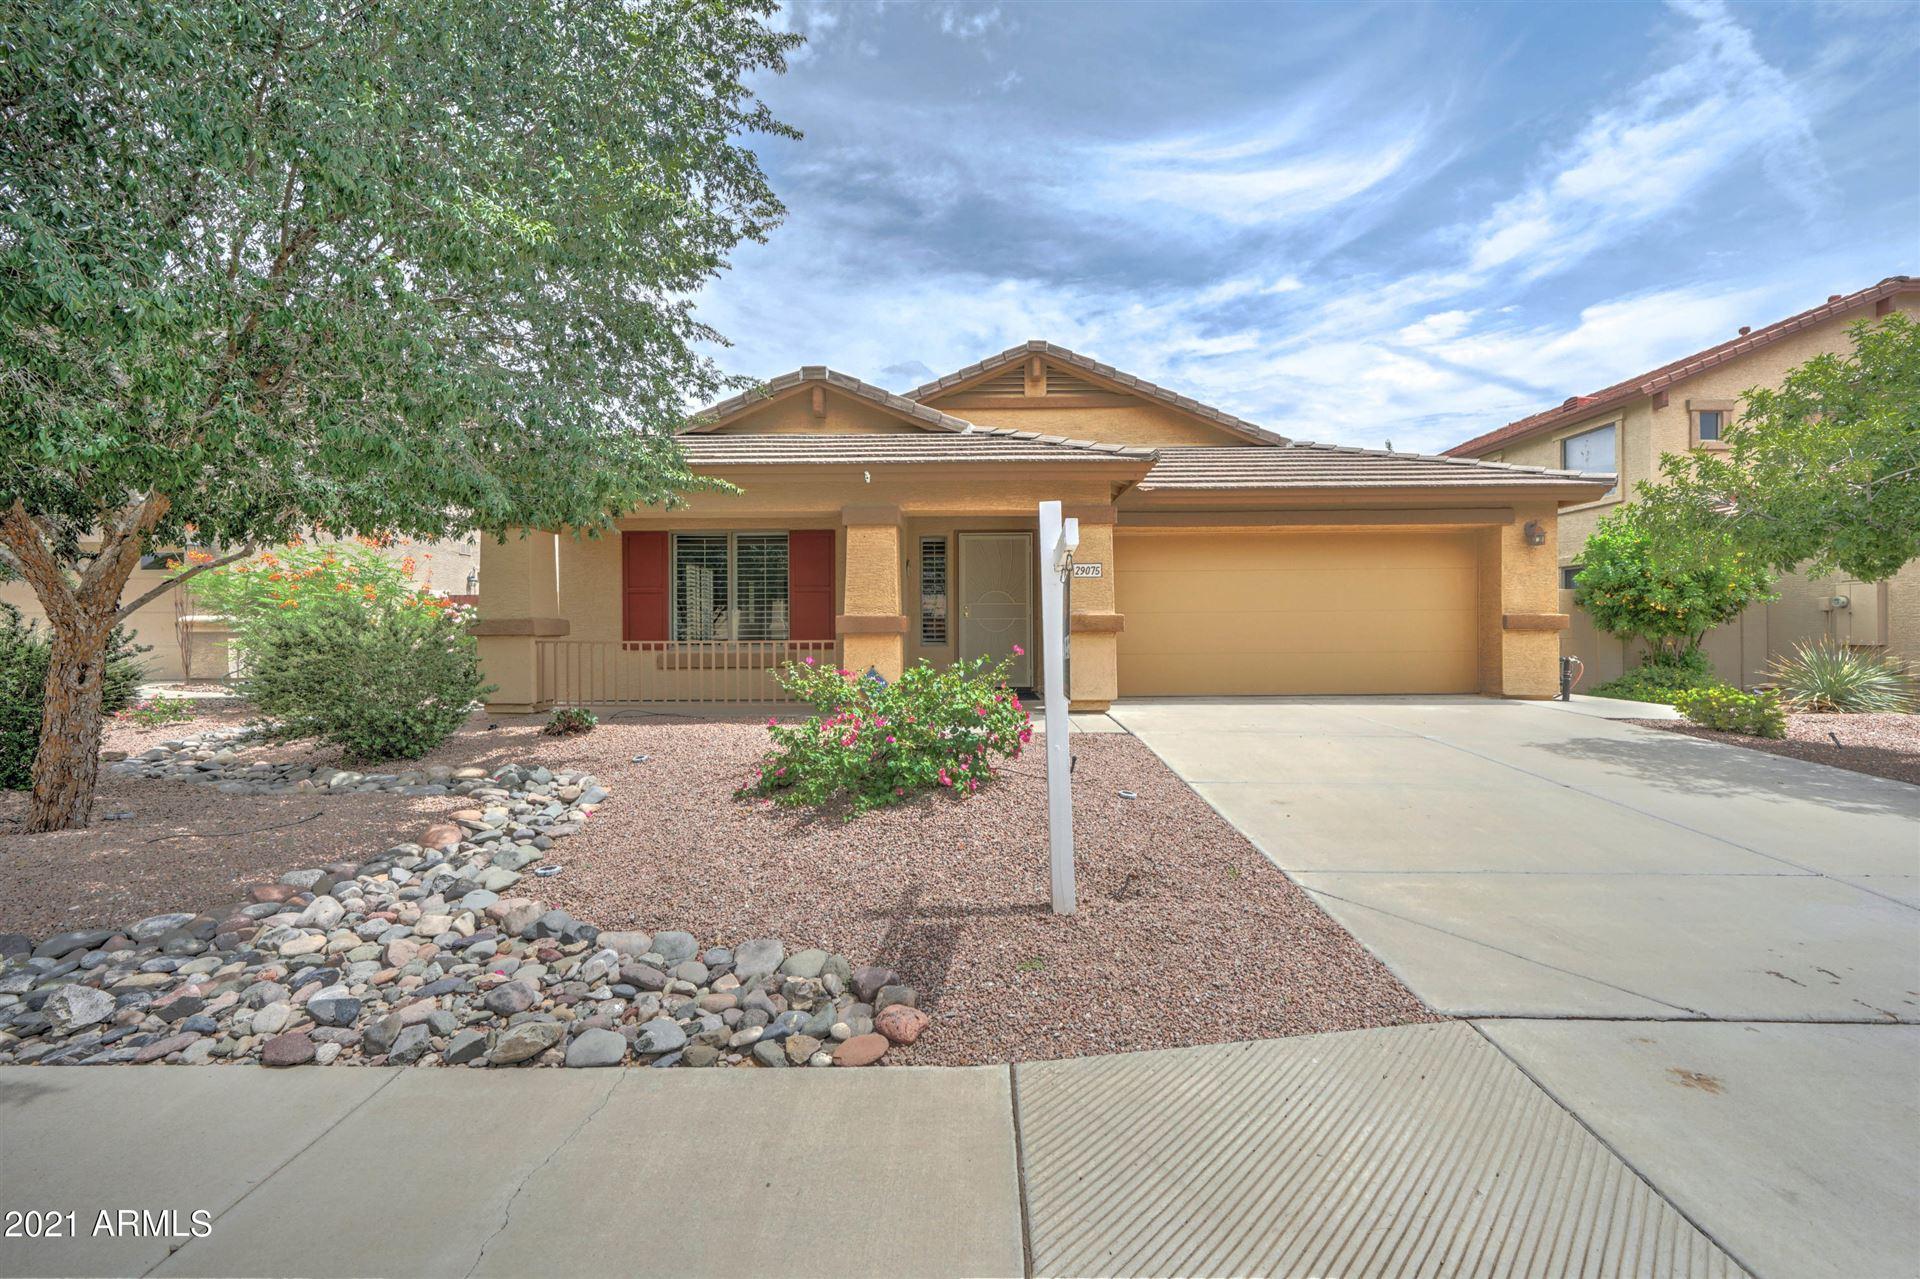 29075 N Mountain View Road, San Tan Valley, AZ 85143 - MLS#: 6261902